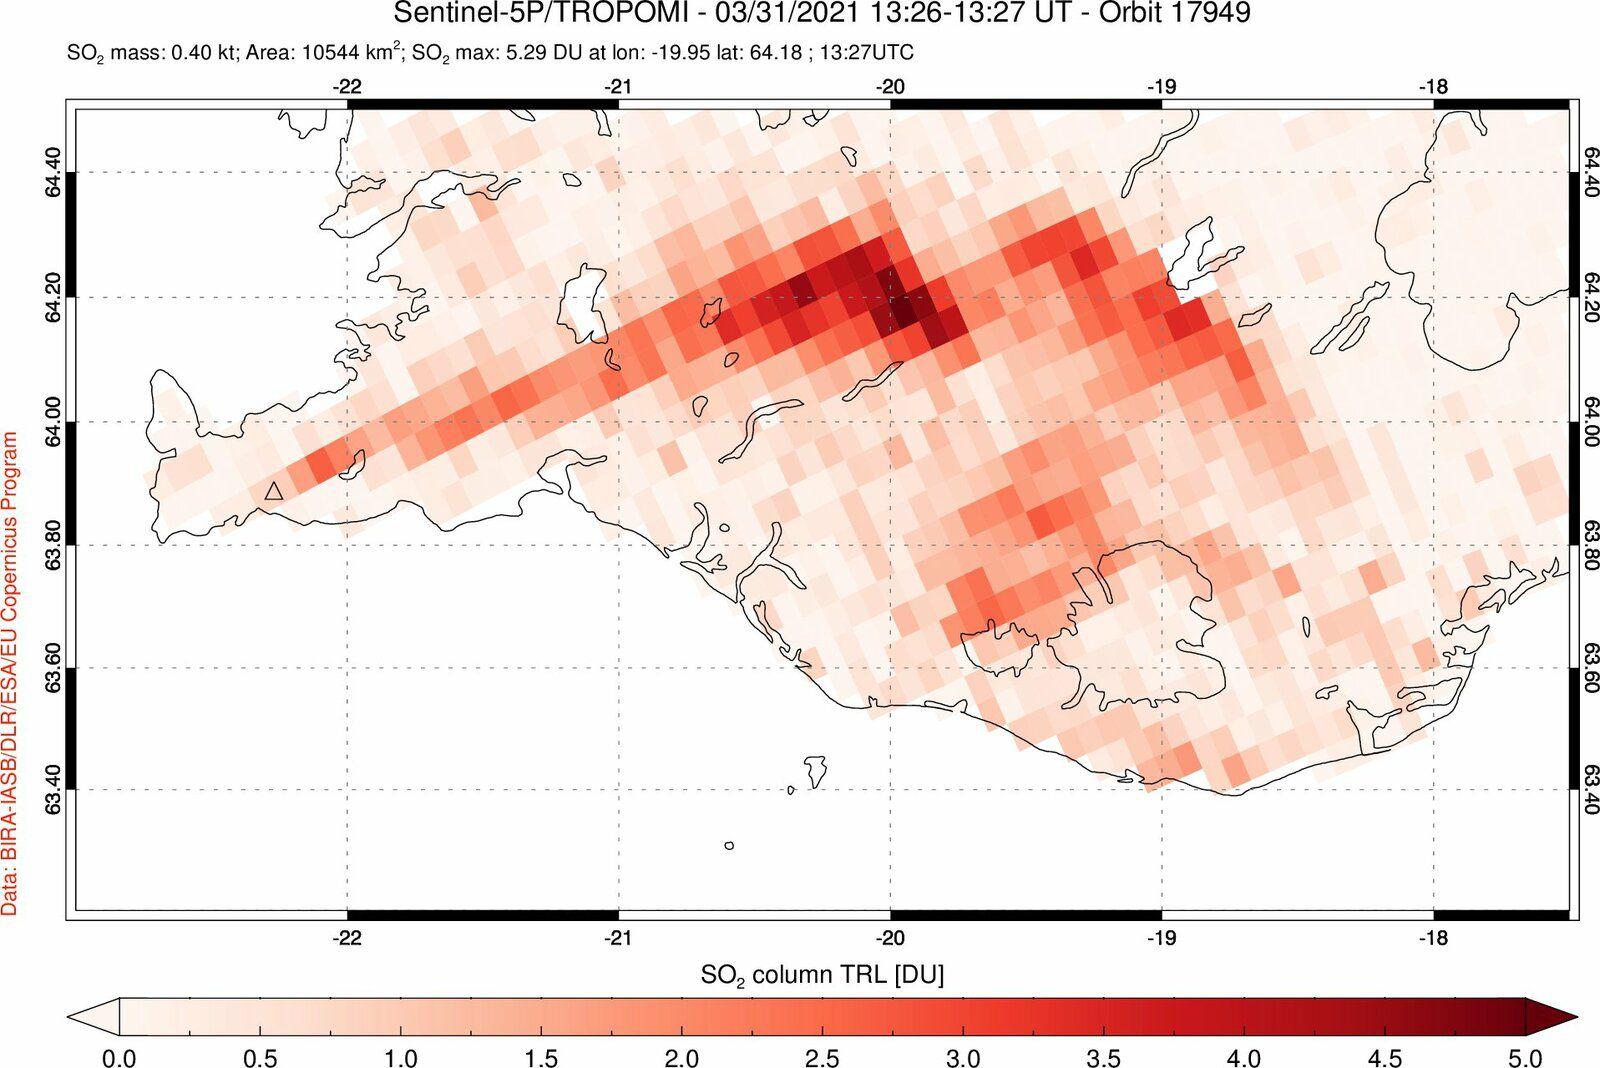 Geldingadalgos - émisssion de SO2 du 31.03.2021 - image Sentinel 5P Tropomi 13h26-13h27 - via S.Carn